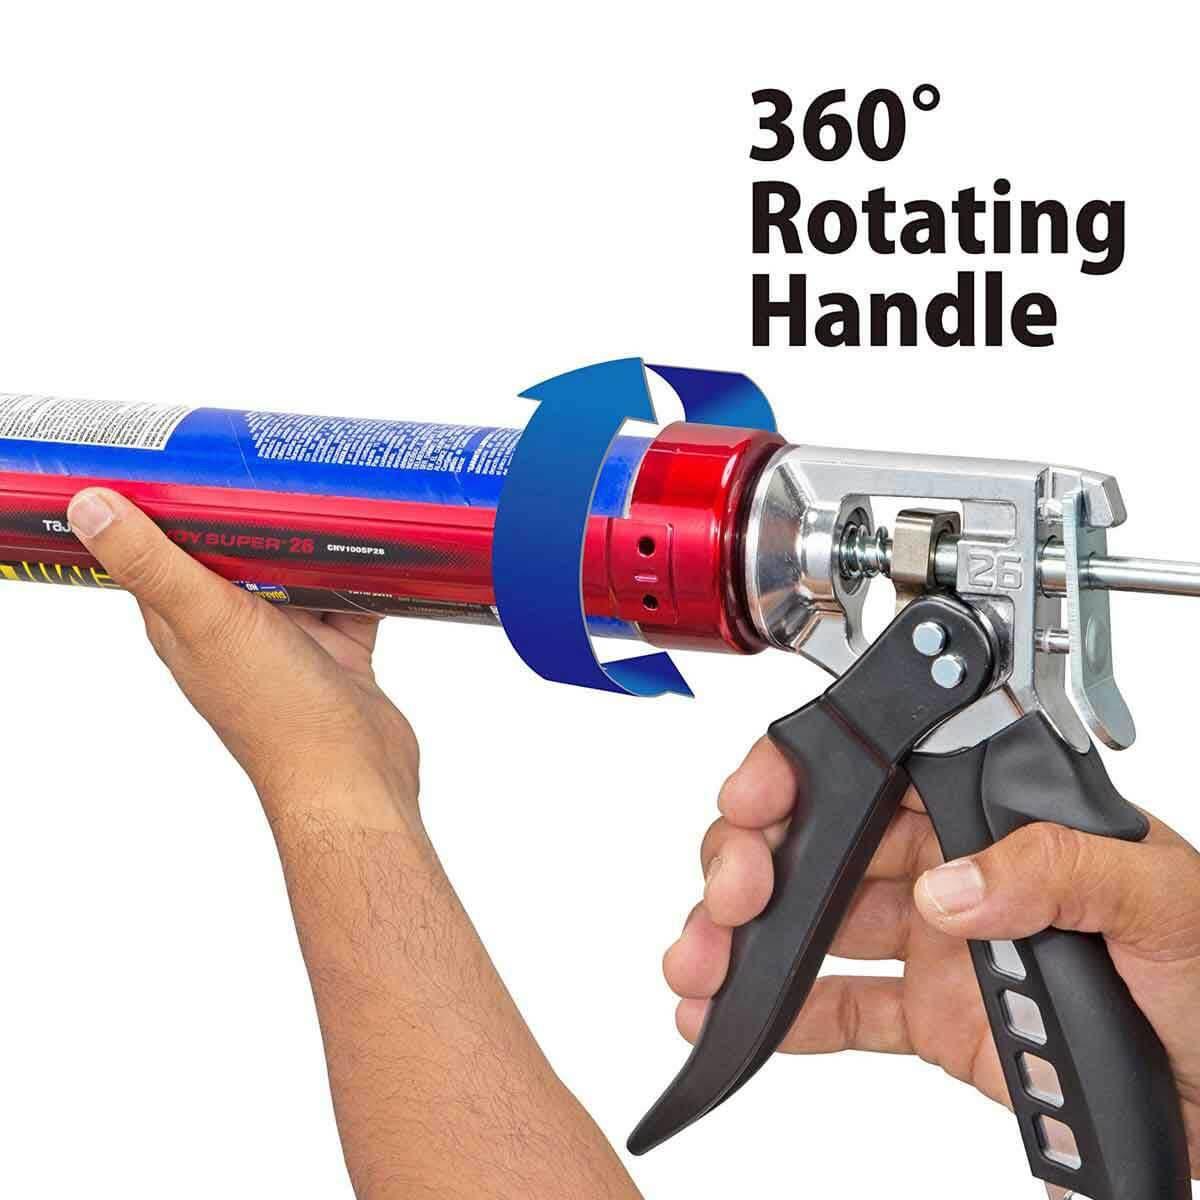 Rotating Handle Caulking Gun Tajima